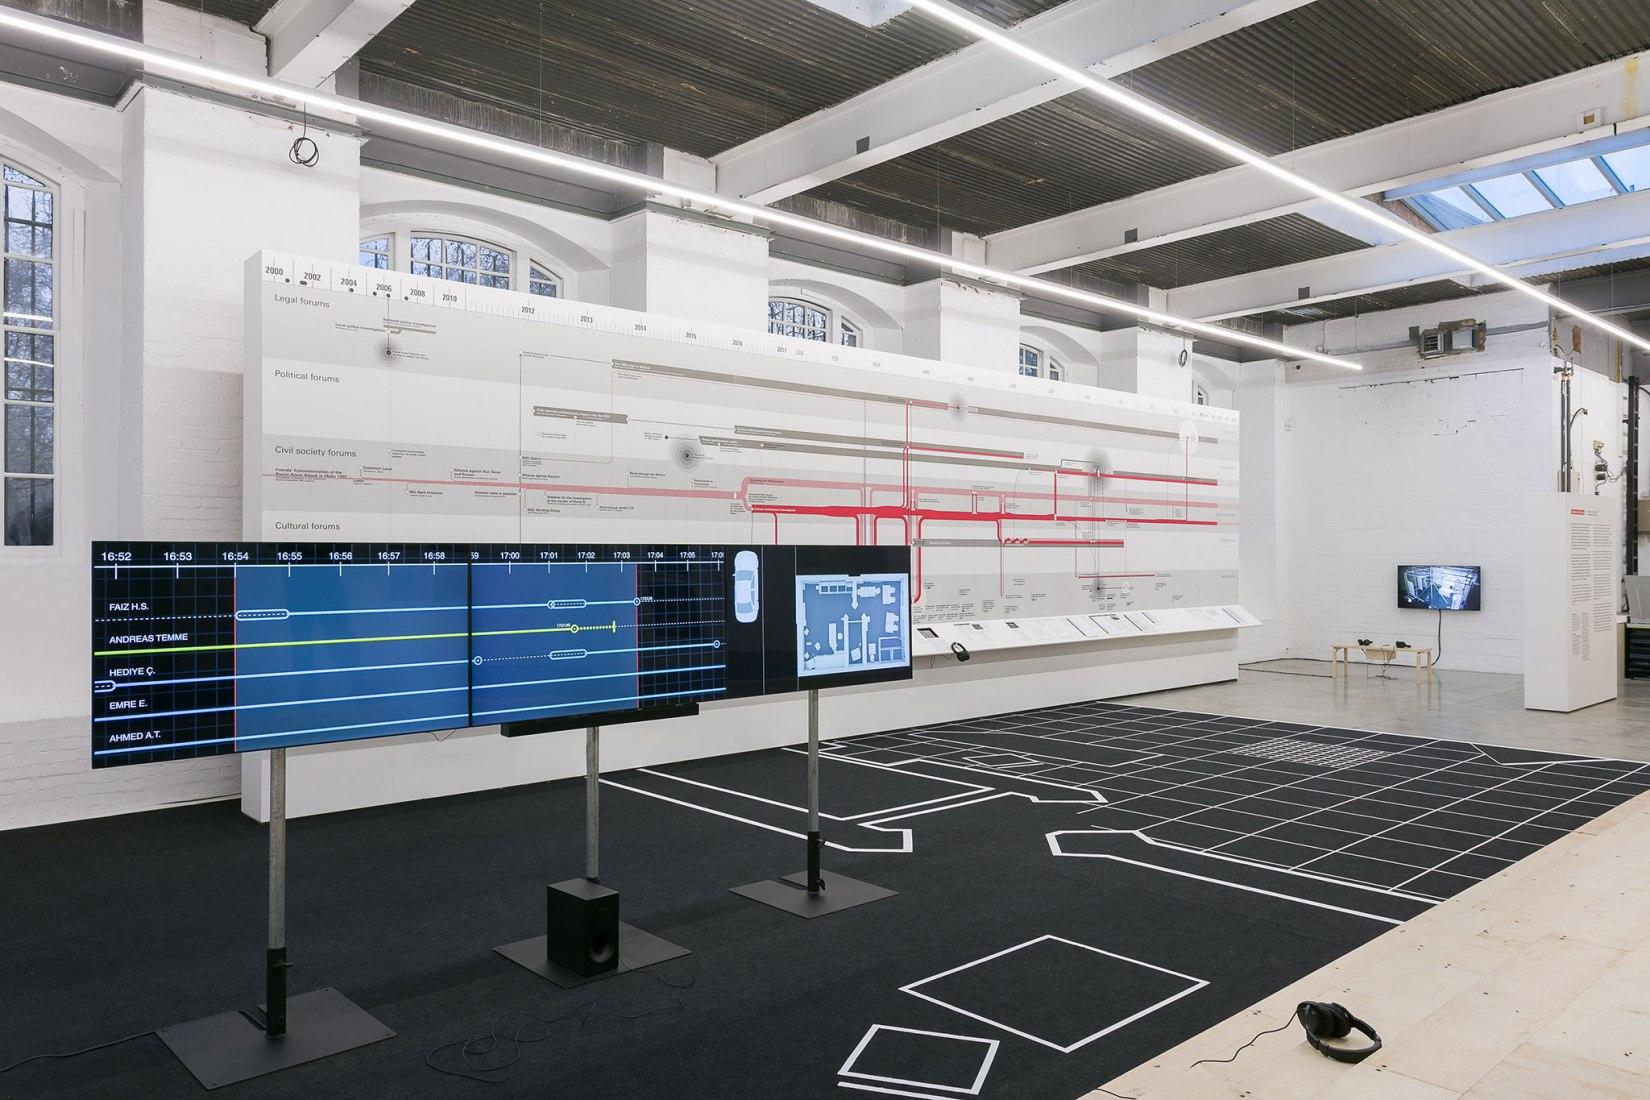 Vista de instalación. Forensic Architecture. Contra investigaciones, Institute of Contemporary Arts. Fotografía de Mark Blower. Imagen cortesía de la Tate